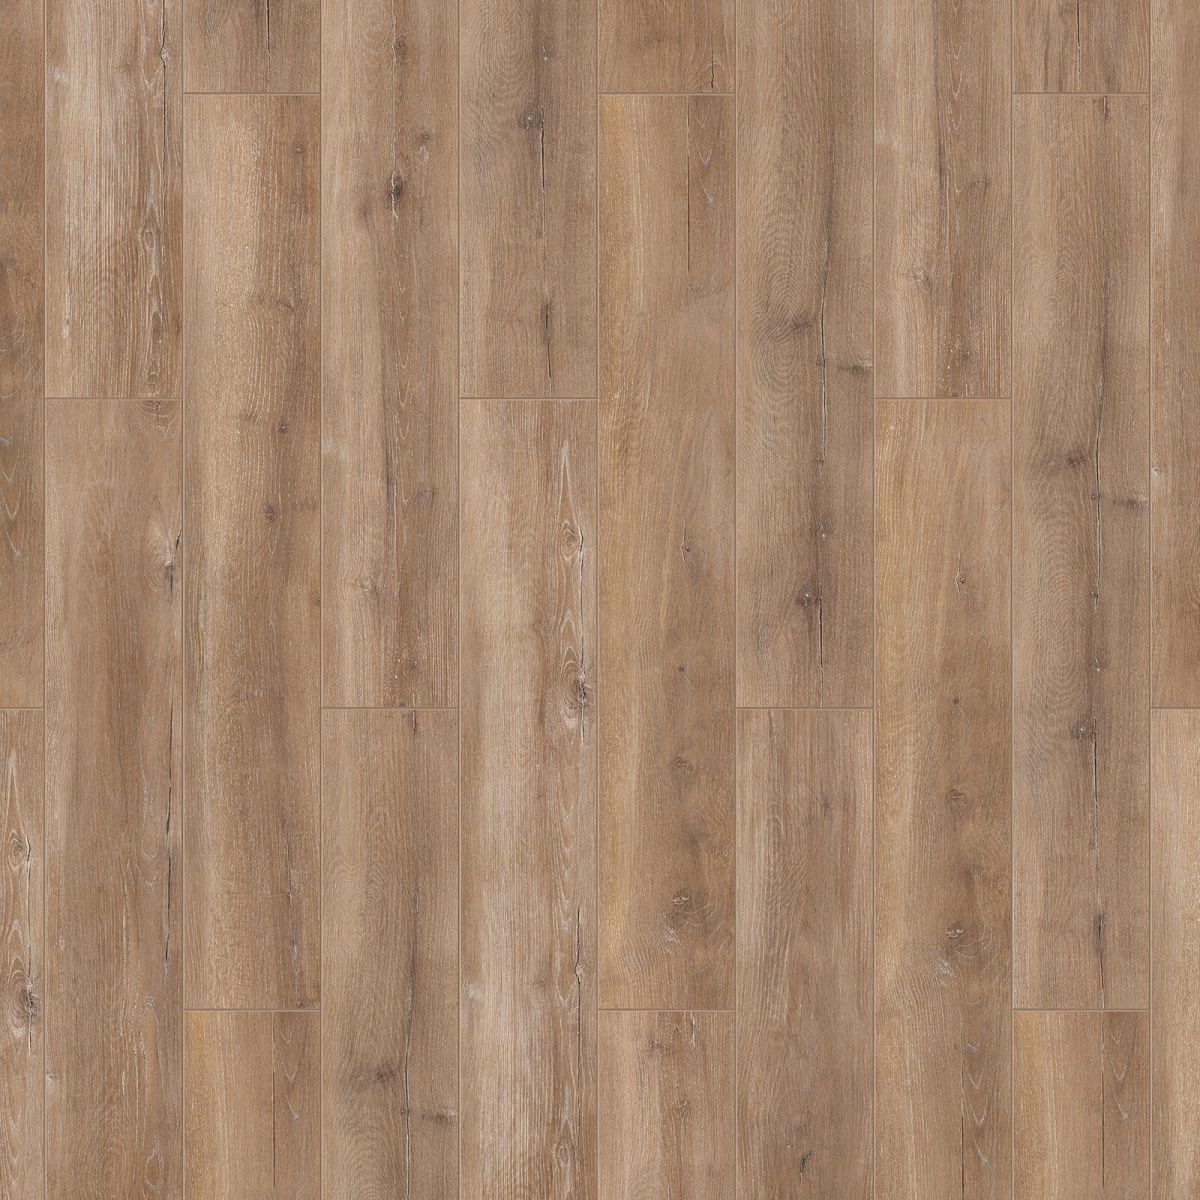 Ламинат Taiga Первая Сибирская 1032 Ясень коричневый